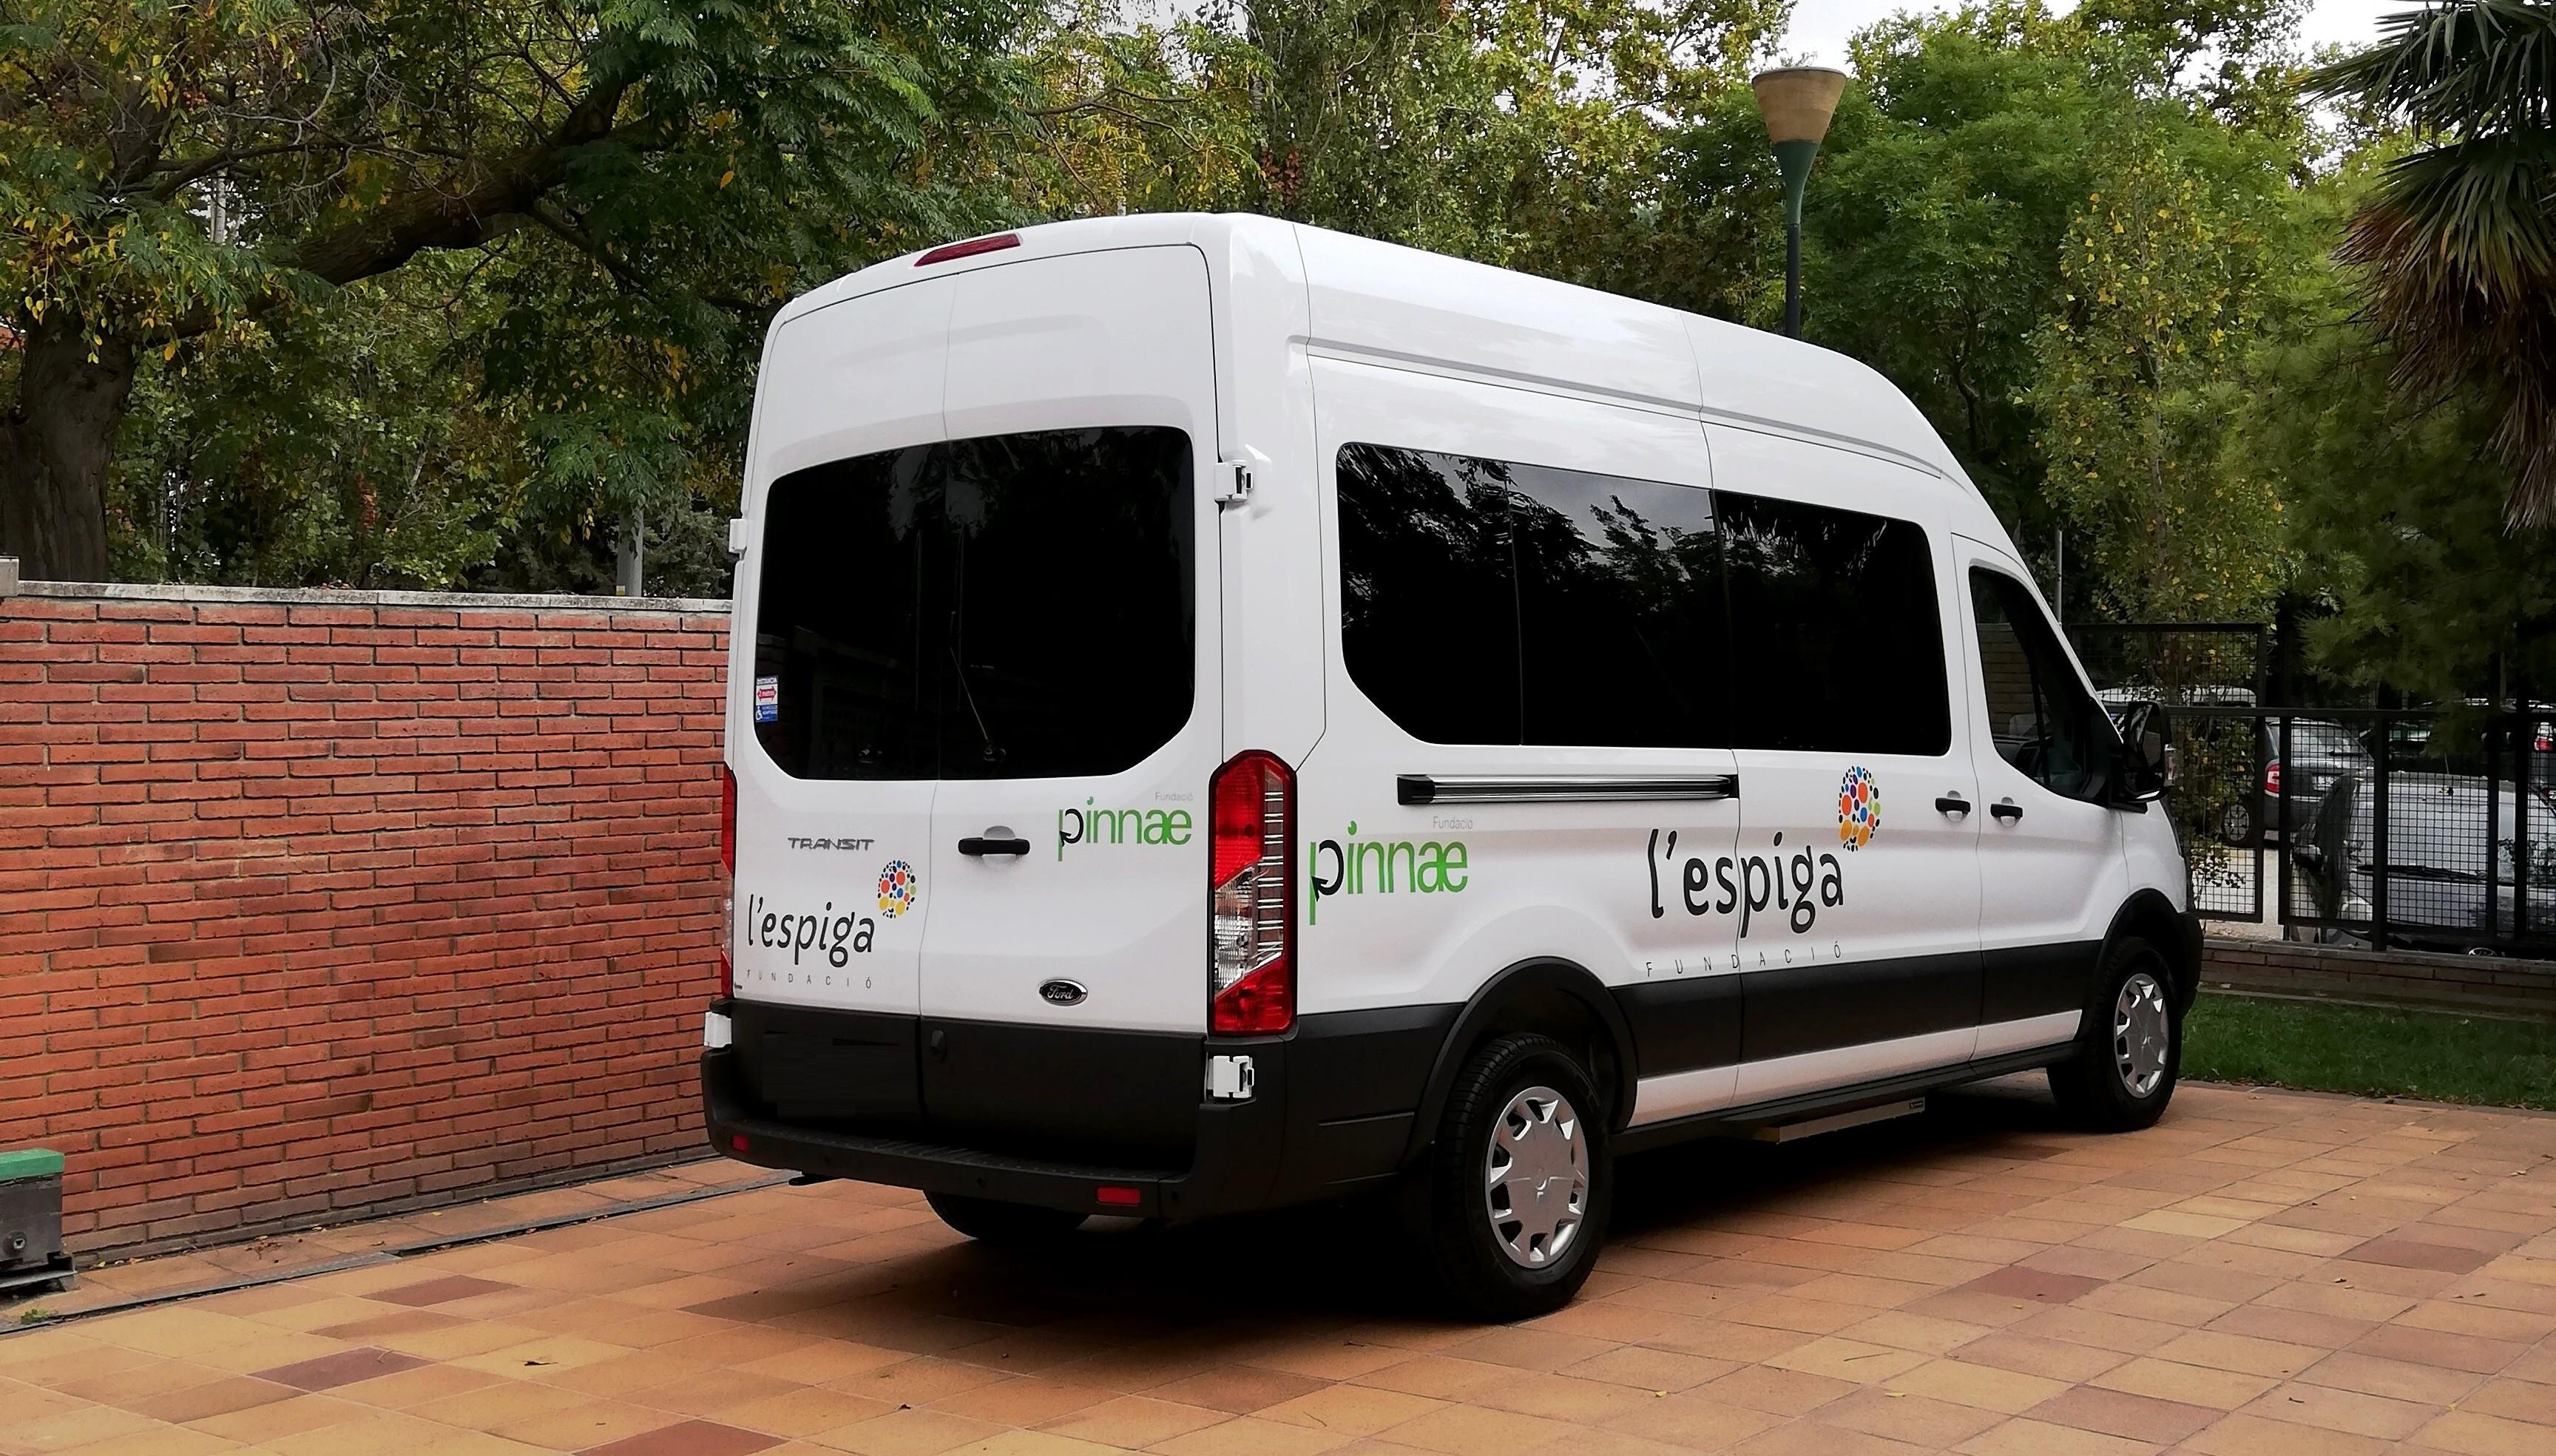 La Fundació l'Espiga estrena un vehicle adaptat pels seus usuaris gràcies a l'ajuda de la Fundació Pinnae